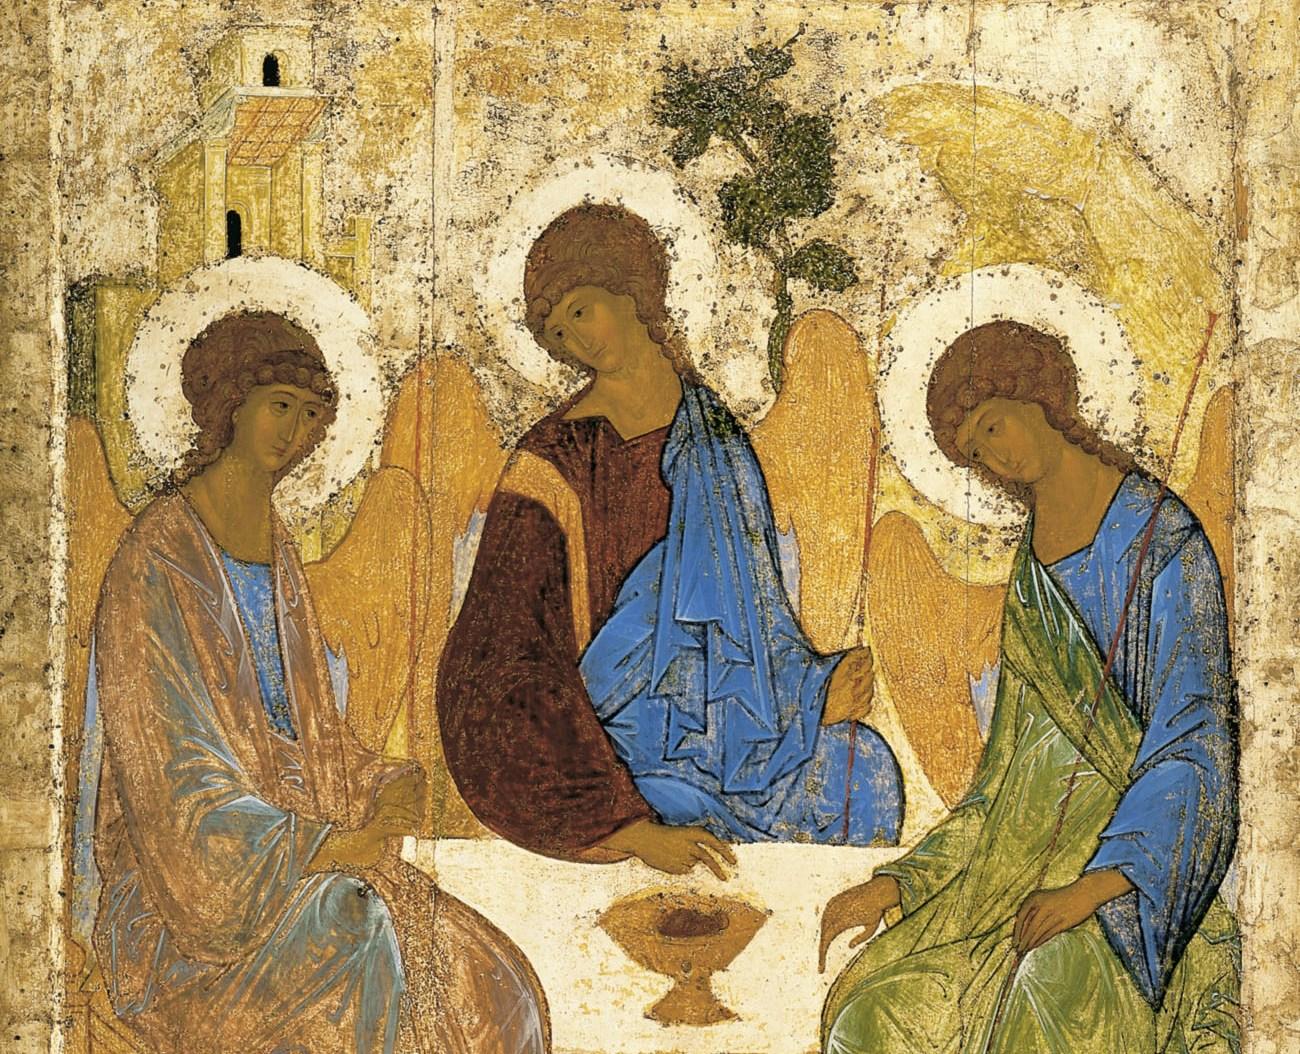 22 марта 2016 года состоится вторая лекция из цикла «Неизвестное христианство» на тему «Что Бог знает о нас? Кто мы в Его замысле?»